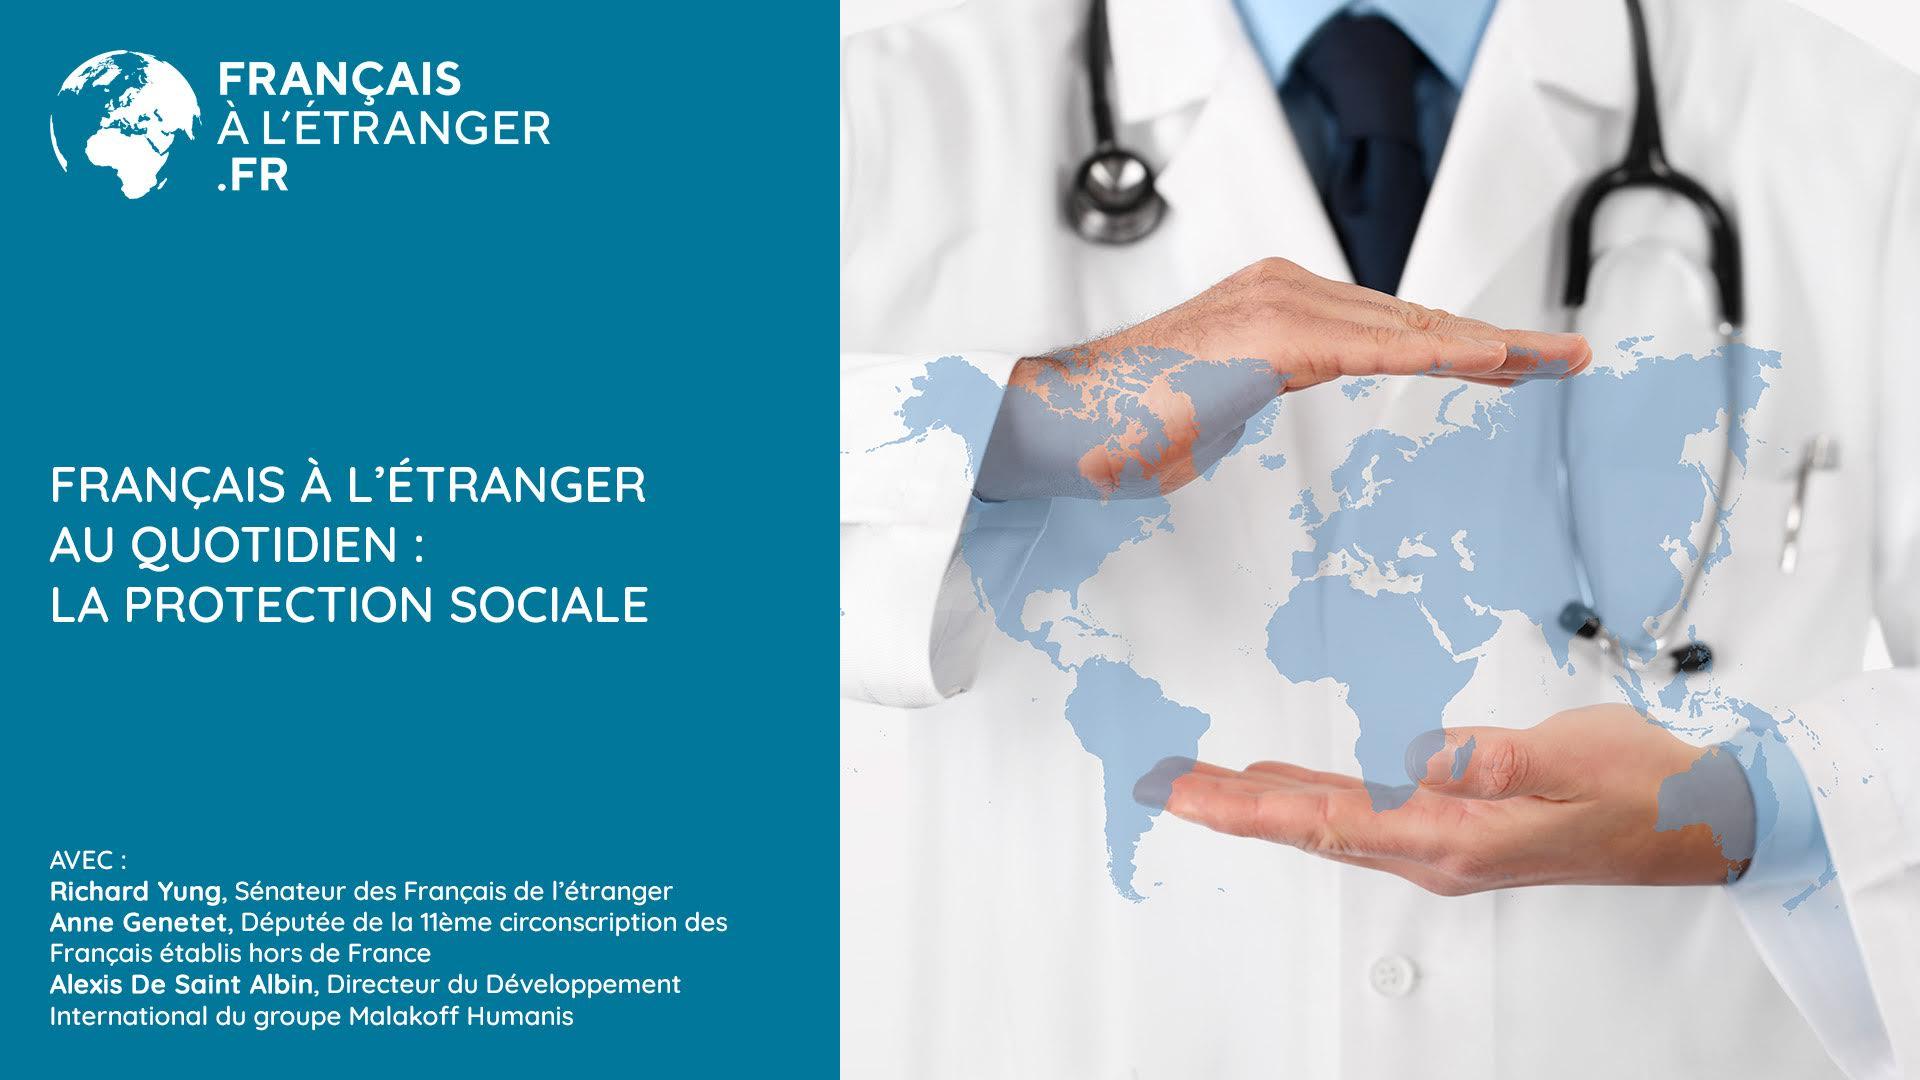 Français à l'étranger au quotidien : la protection sociale